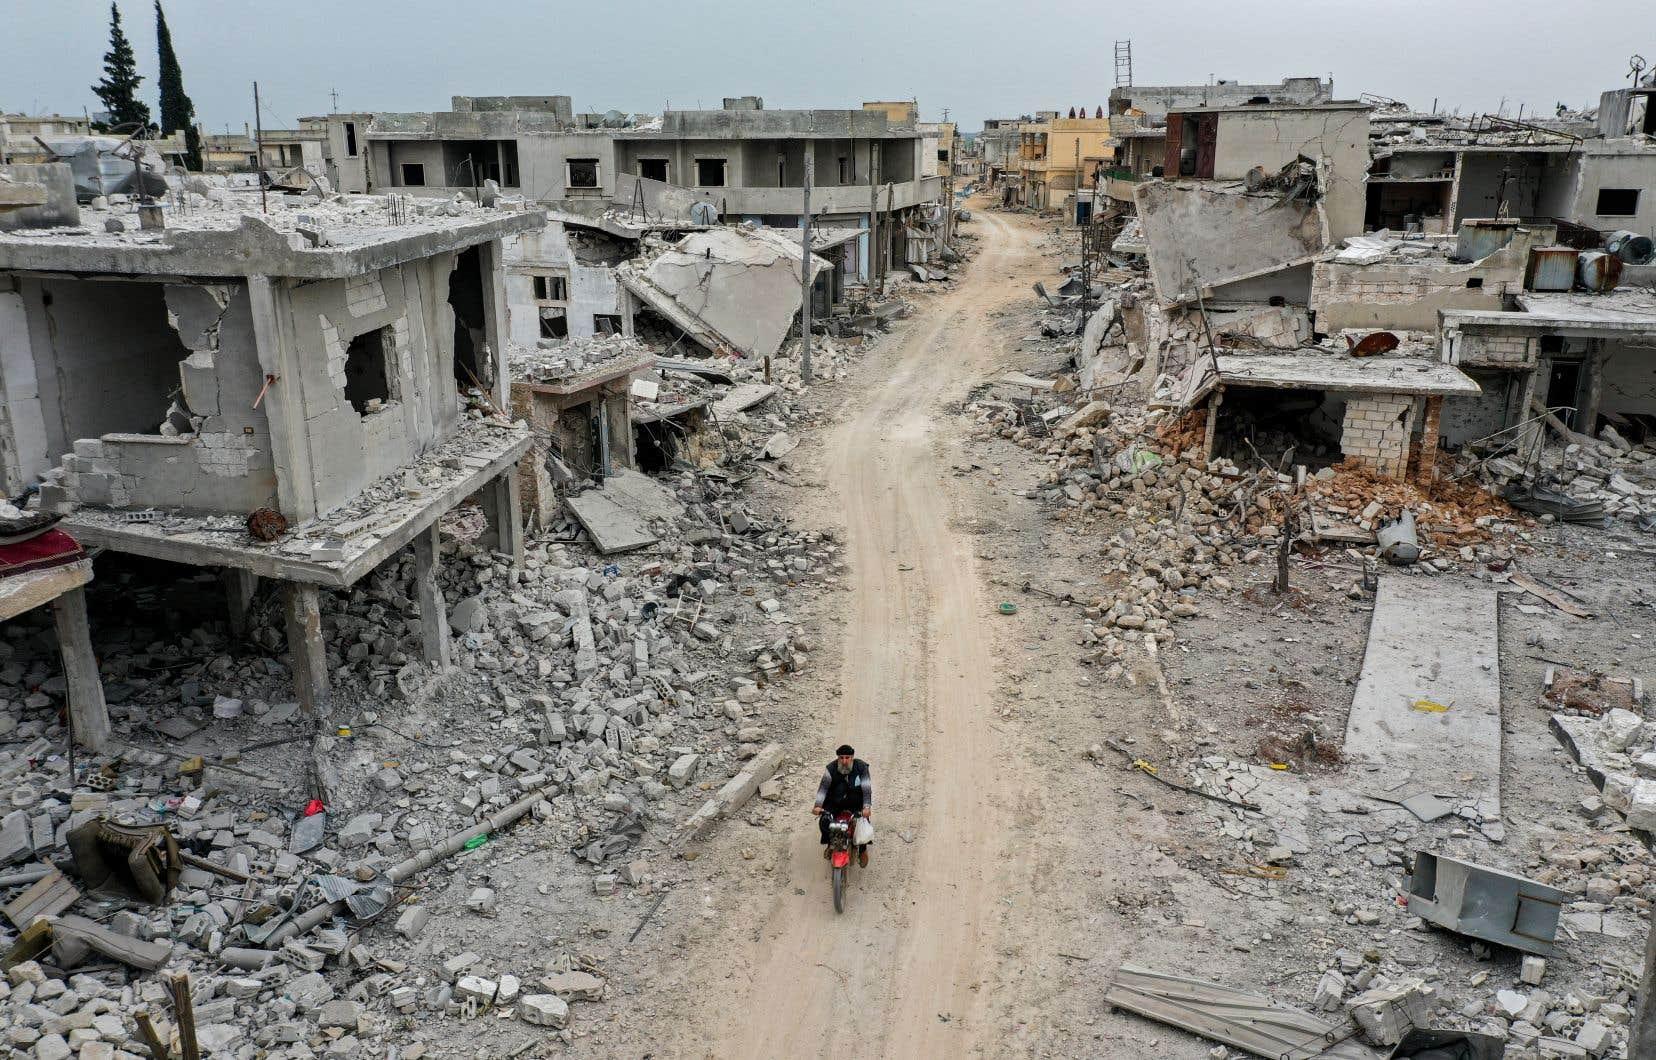 Les bombardements commandés par le régime syrien ont rasé une partie de la ville de Afis, dans la province d'Idleb, photographiée en mars dernier.